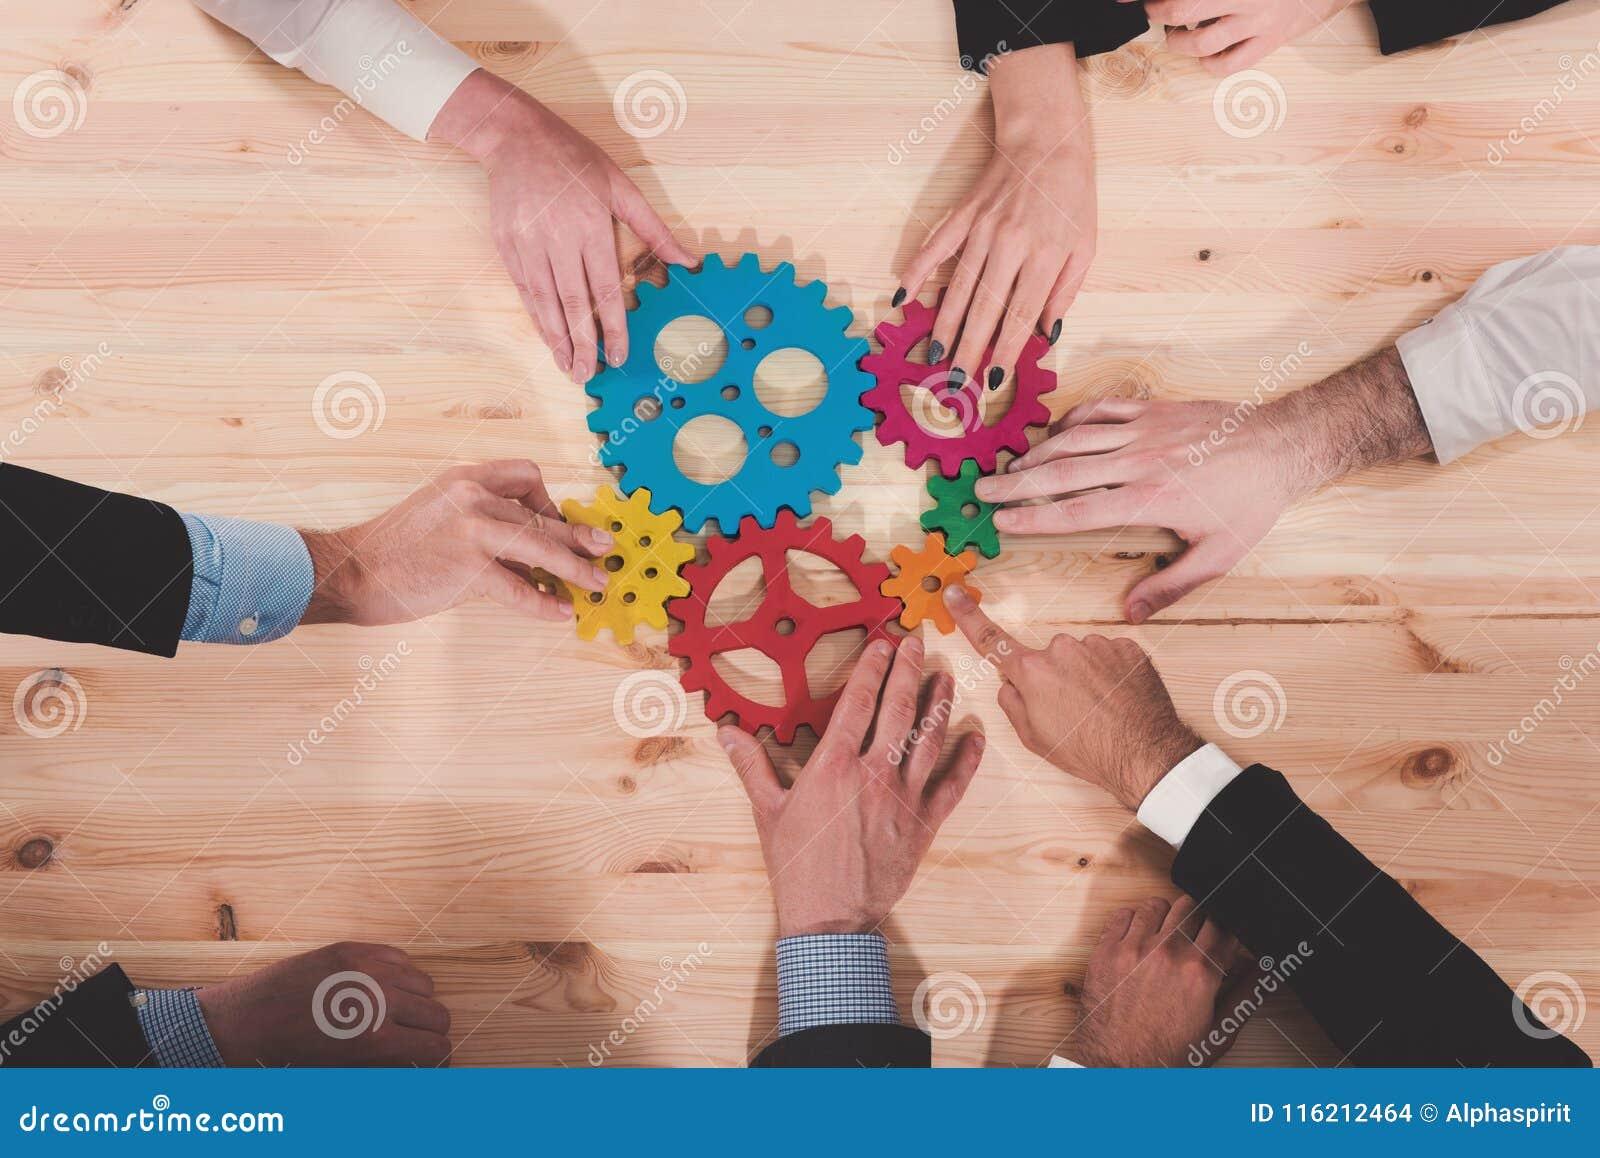 El equipo del negocio conecta pedazos de engranajes Trabajo en equipo, sociedad y concepto de la integración